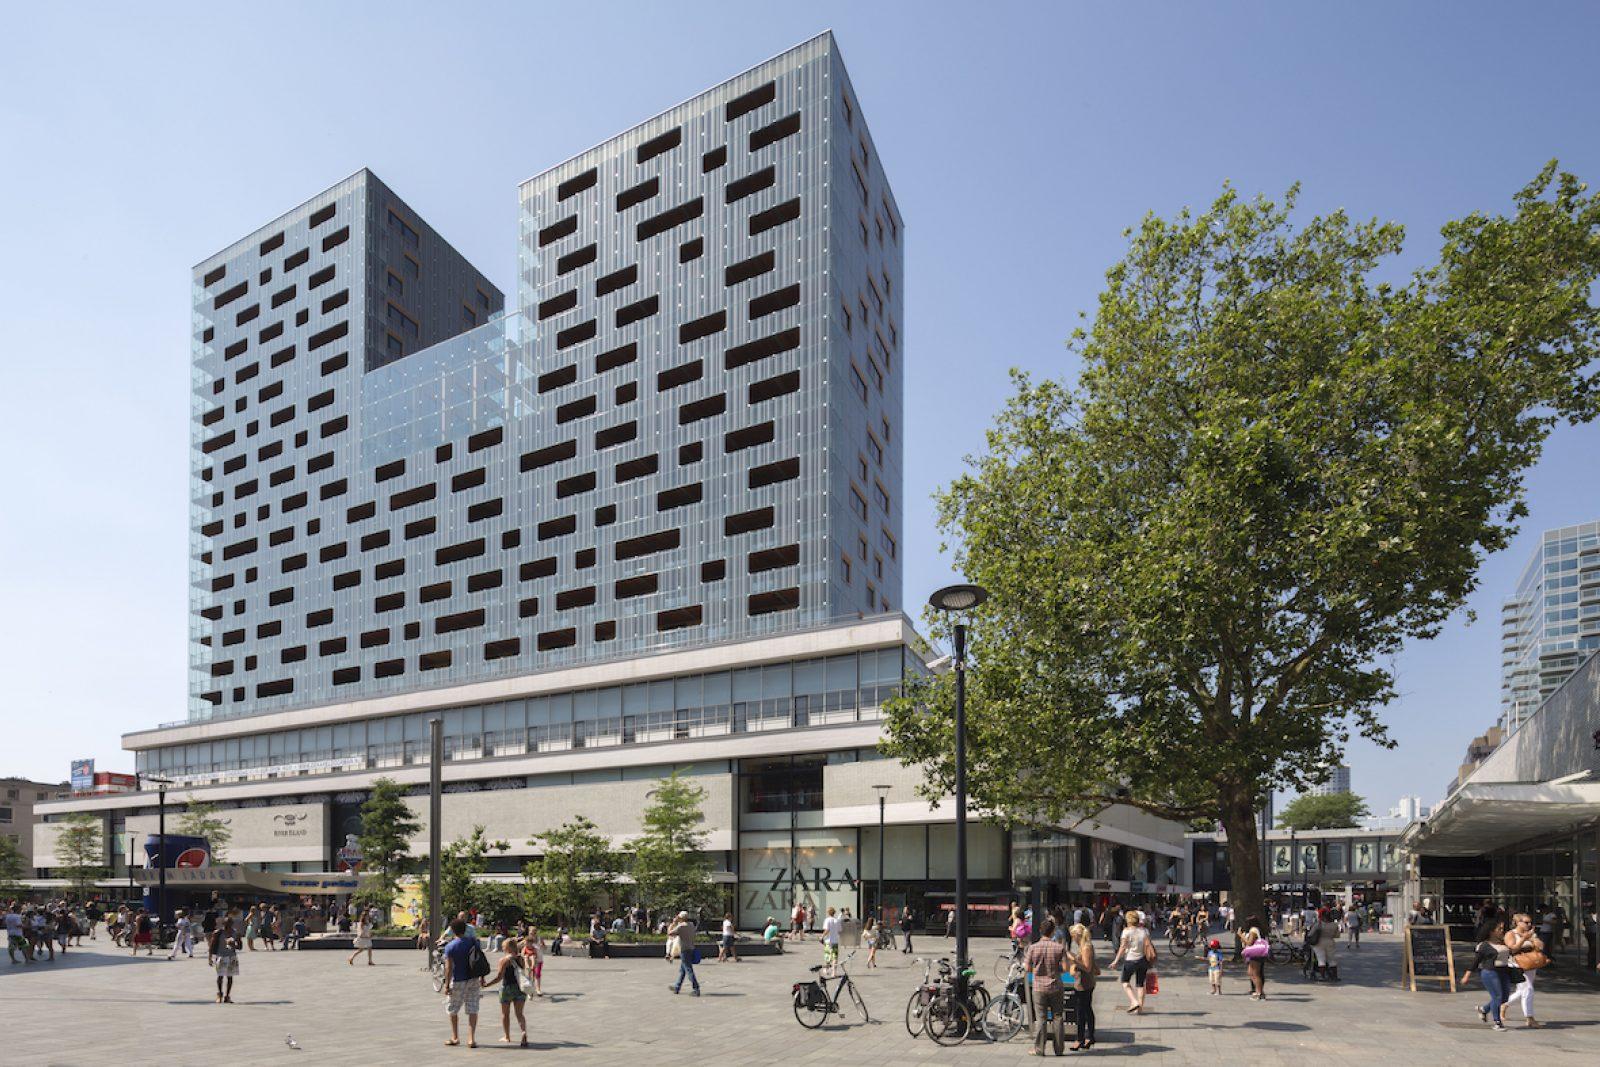 De Karel Doorman architect Ibelings van Tilburg architecten Fotograaf Ossip van Duivenbode